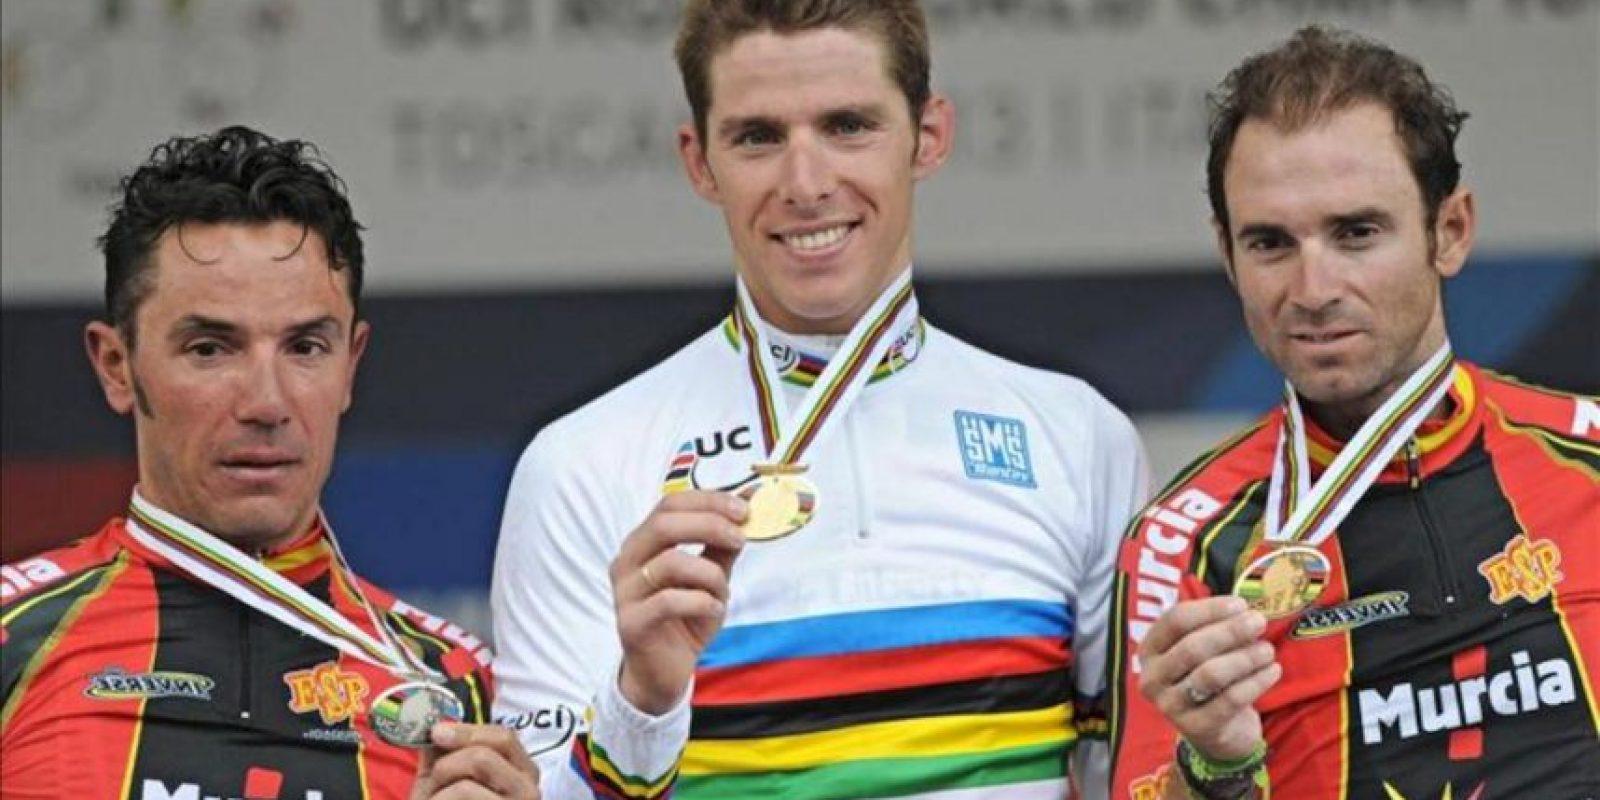 (I-D) El segundo clasificado el español Joaquim 'Purito' Rodríguez, el campeón Alberto Rui Costa, de Portugal, y el tercer clasificado Alejandro Valverde Belmomte muestran las medallas tras la prueba en ruta del mundial de ciclismo que se ha disputado en Forencia, Italia. EFE/EPA